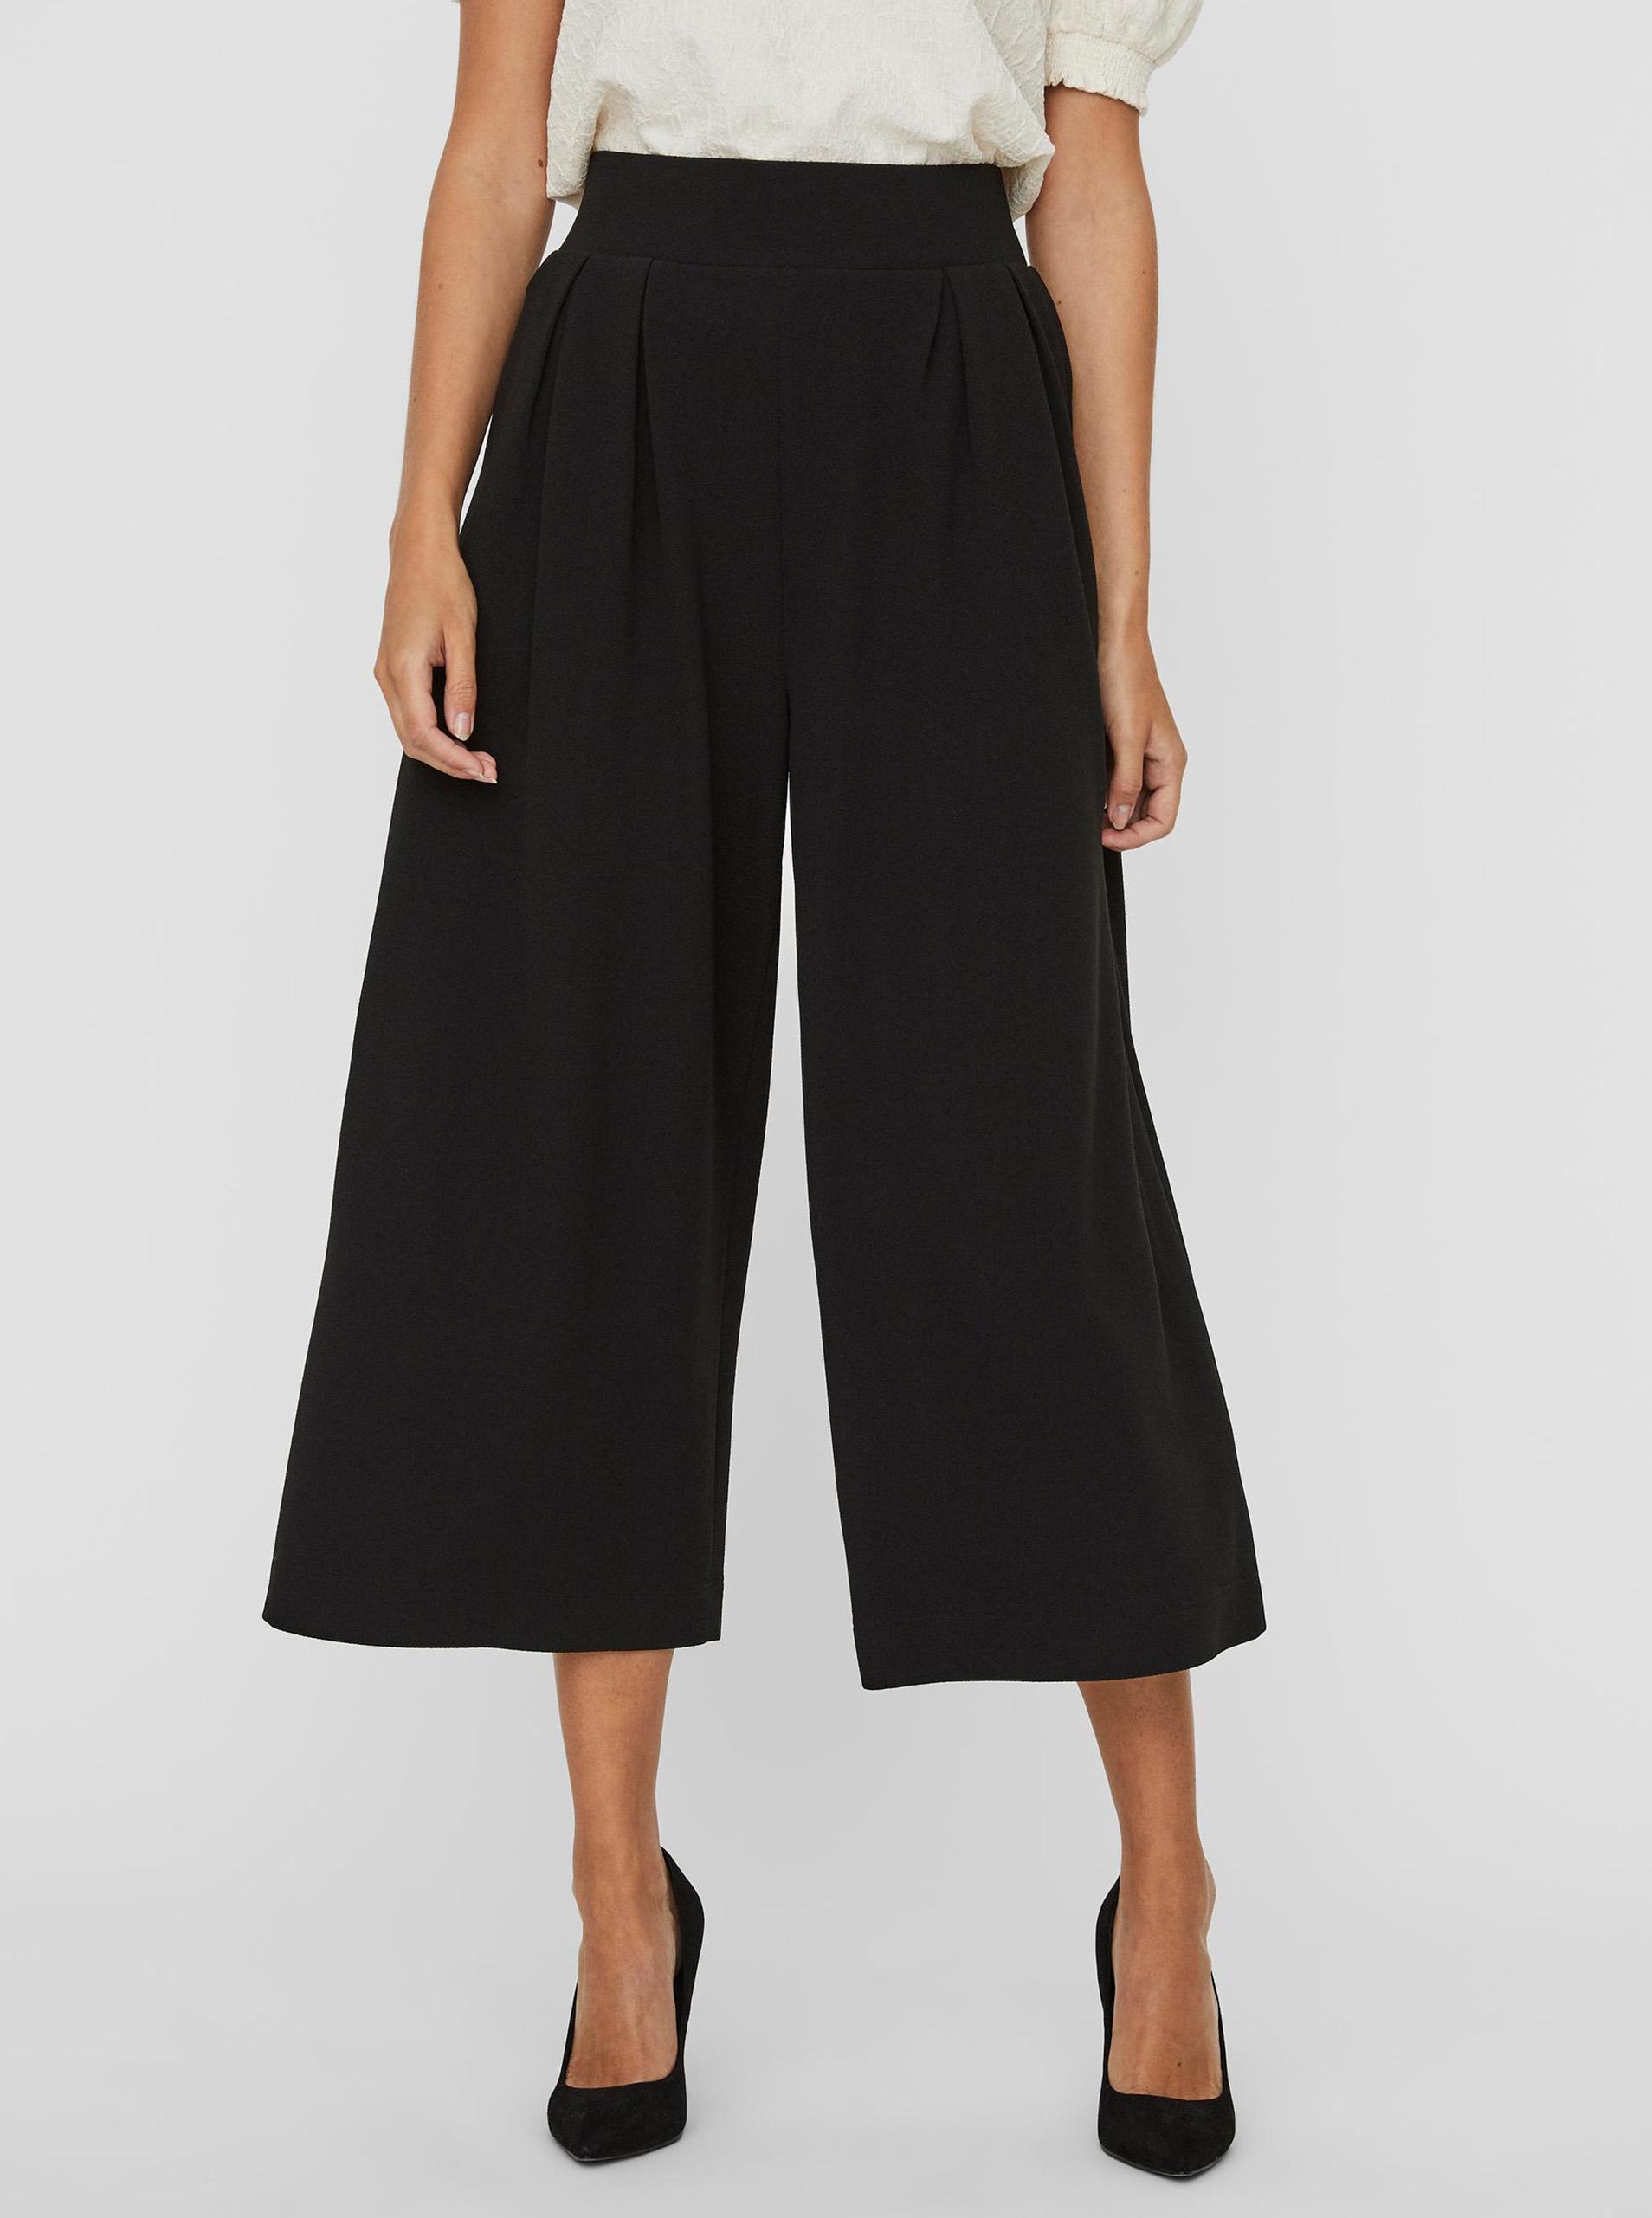 Vero Moda čierne cullotes Francis - M